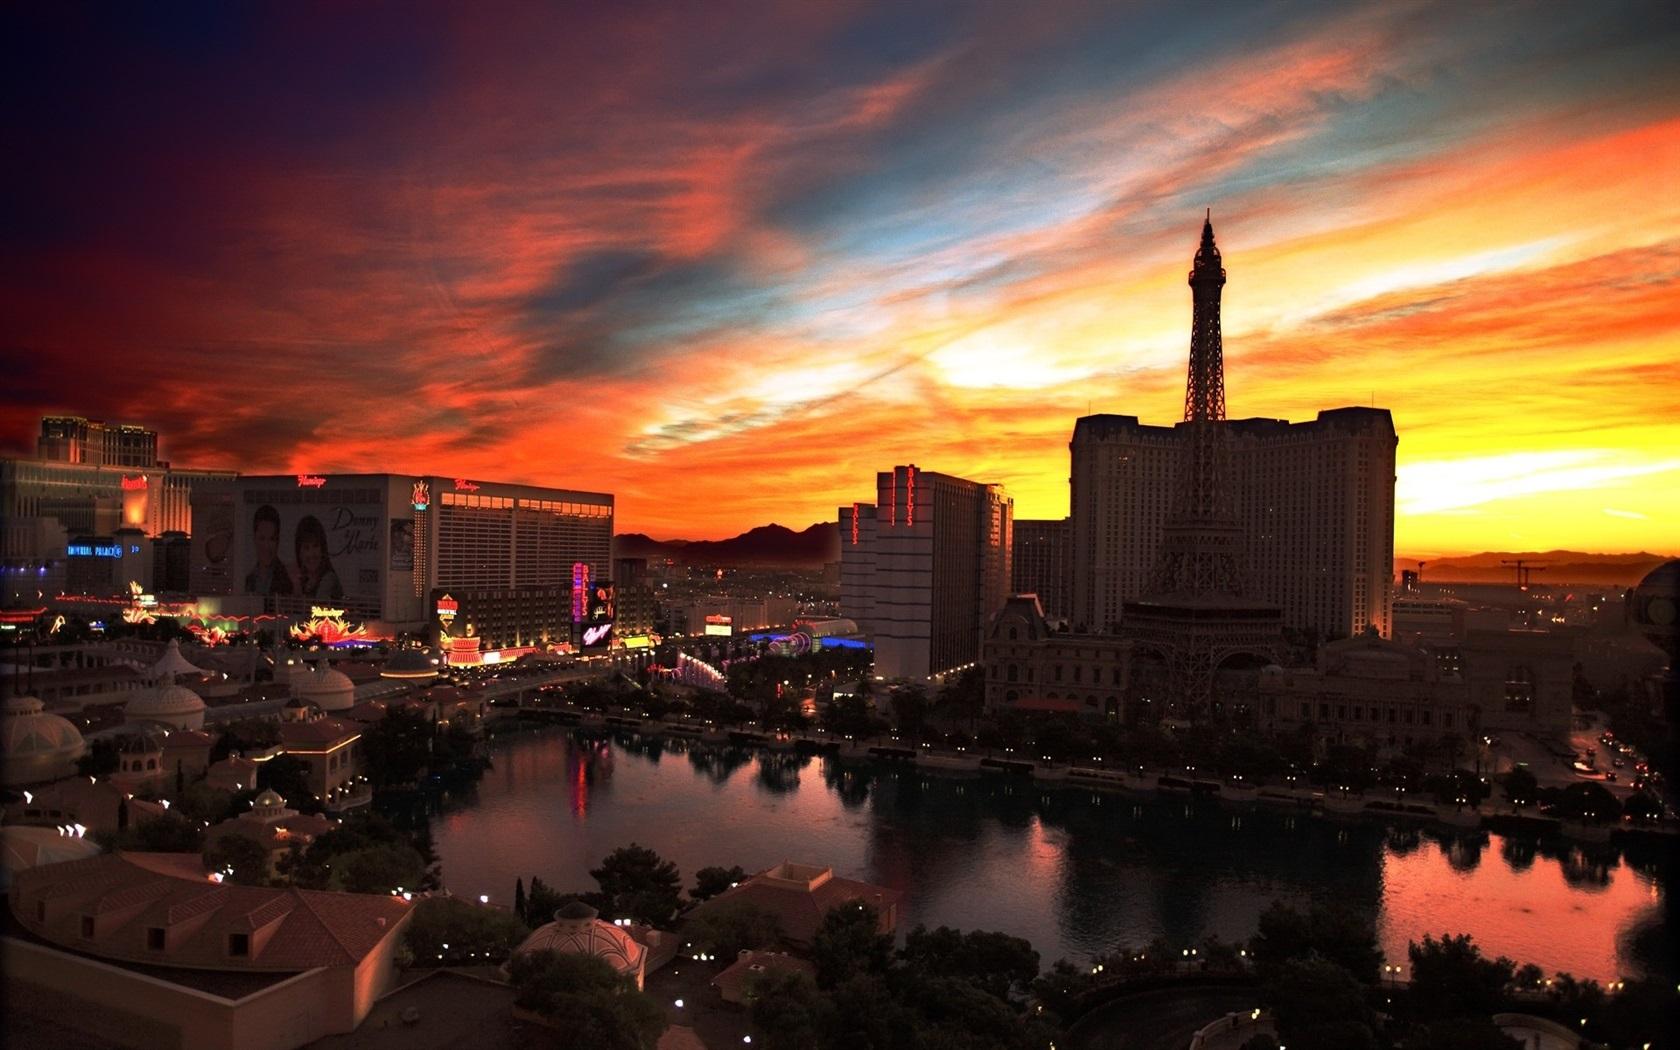 城市夜景,拉斯维加斯,赌场,建筑物,灯,日落,红色的天空 壁纸 - 1680x1图片